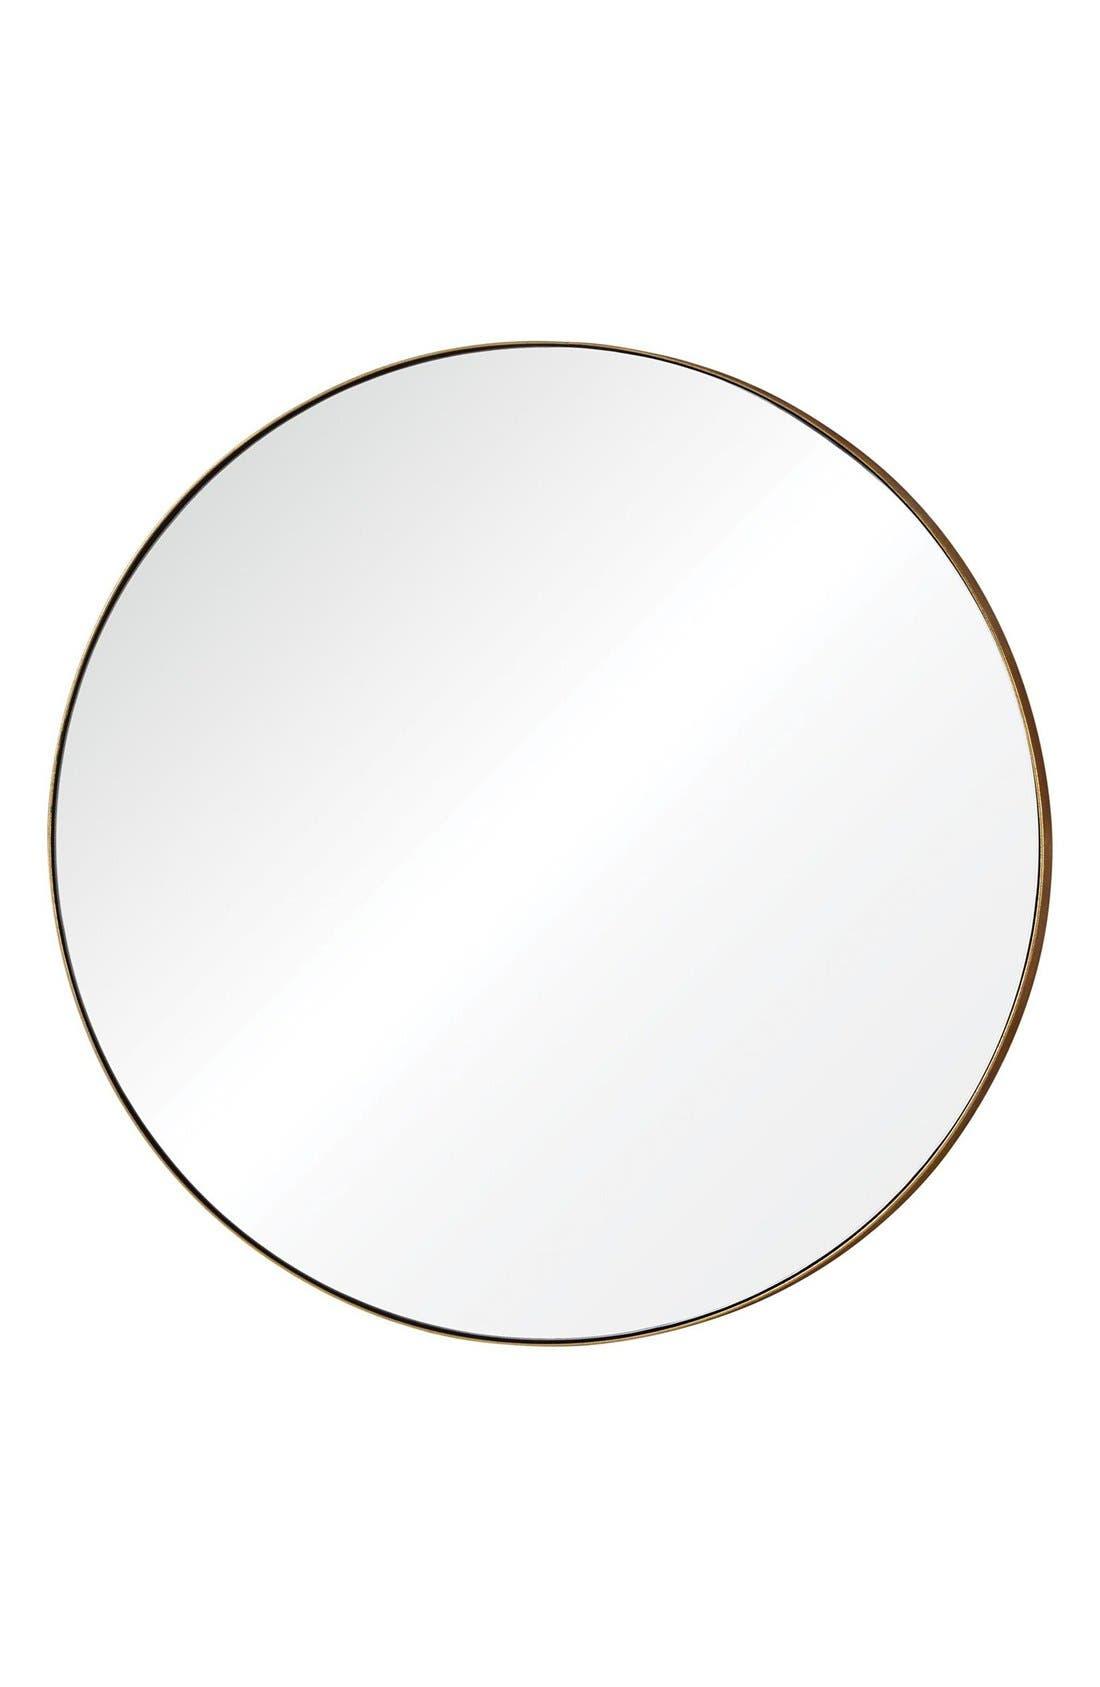 'Oryx' Mirror,                             Main thumbnail 1, color,                             710